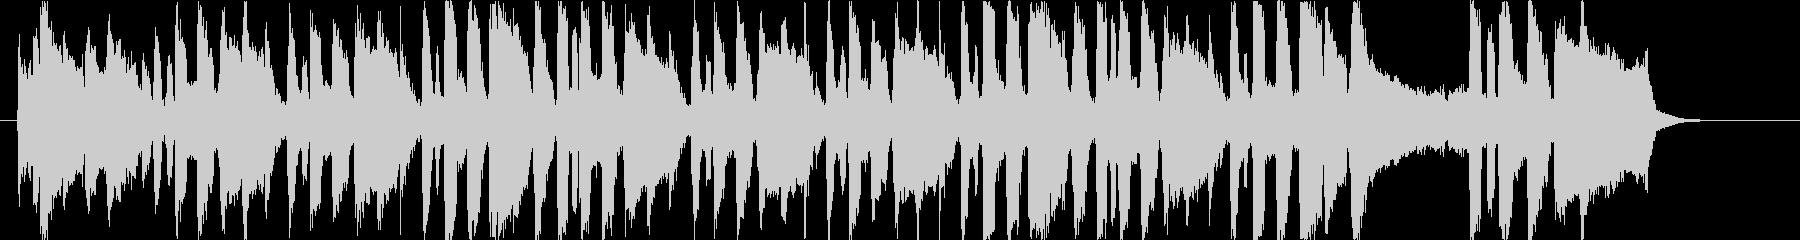 誕生日の歌(ワルツver) 【リン】の未再生の波形